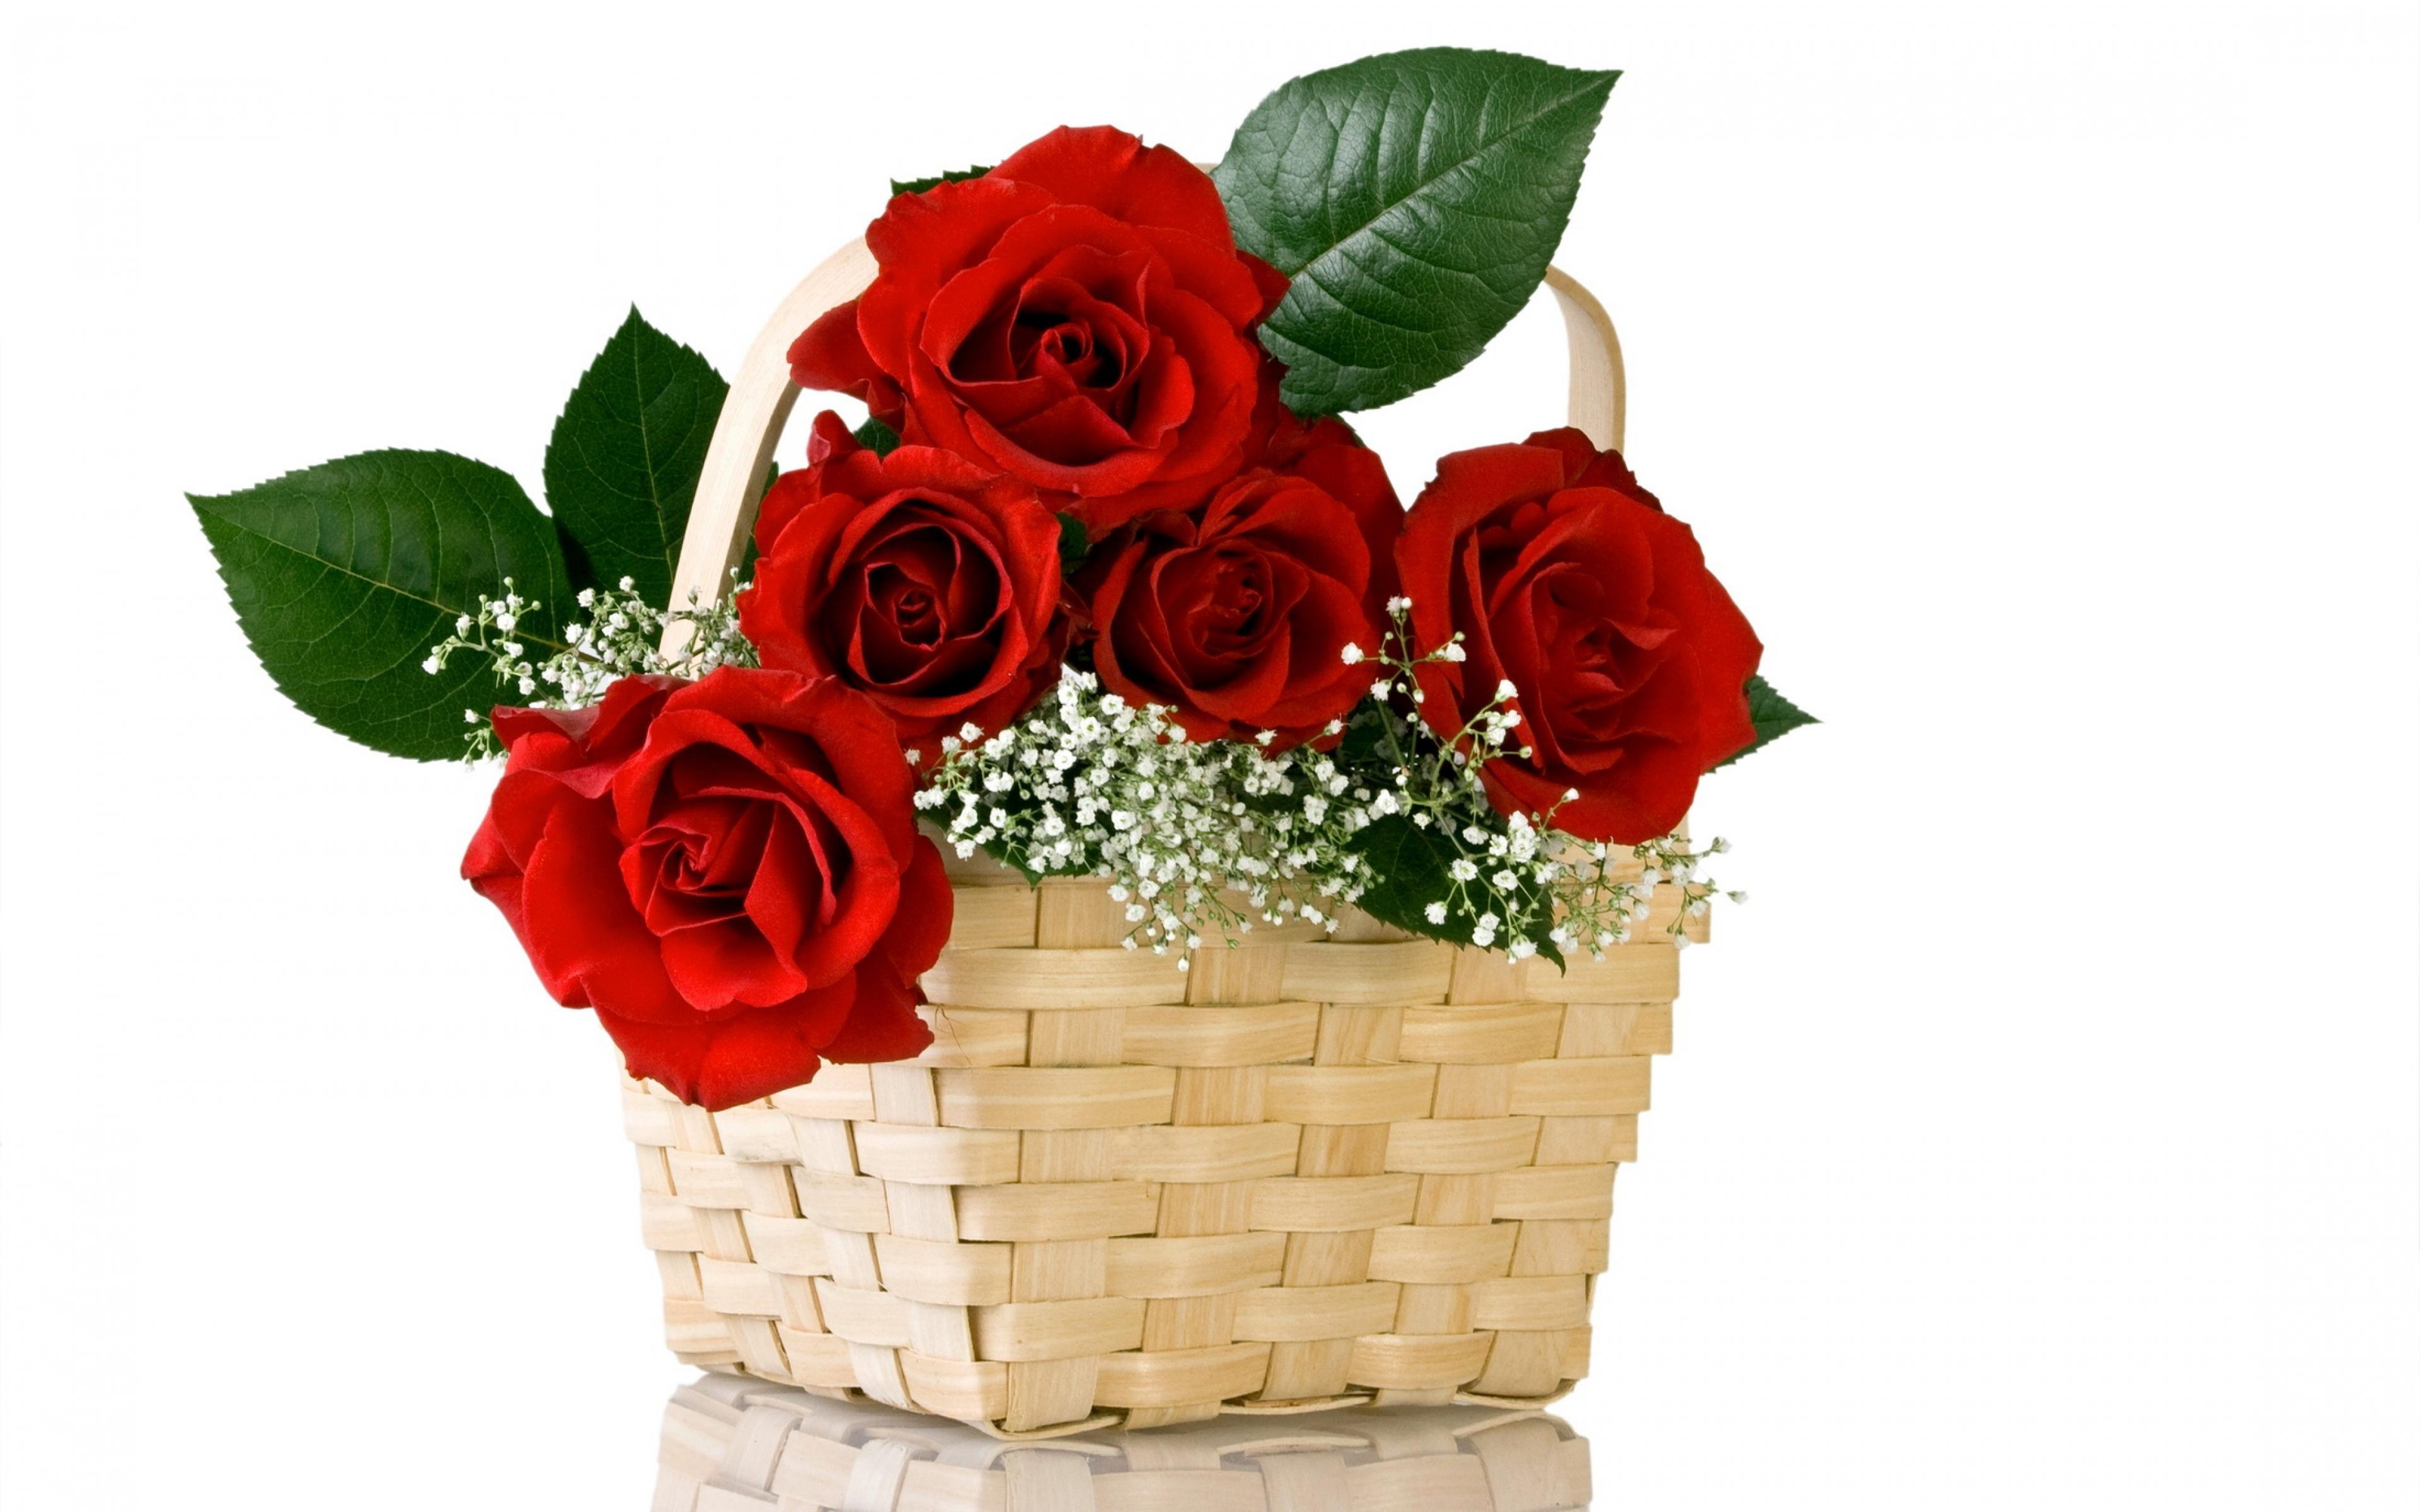 Những hình ảnh hoa hồng đẹp dành tặng thầy cô giáo nhân ngày 20/11